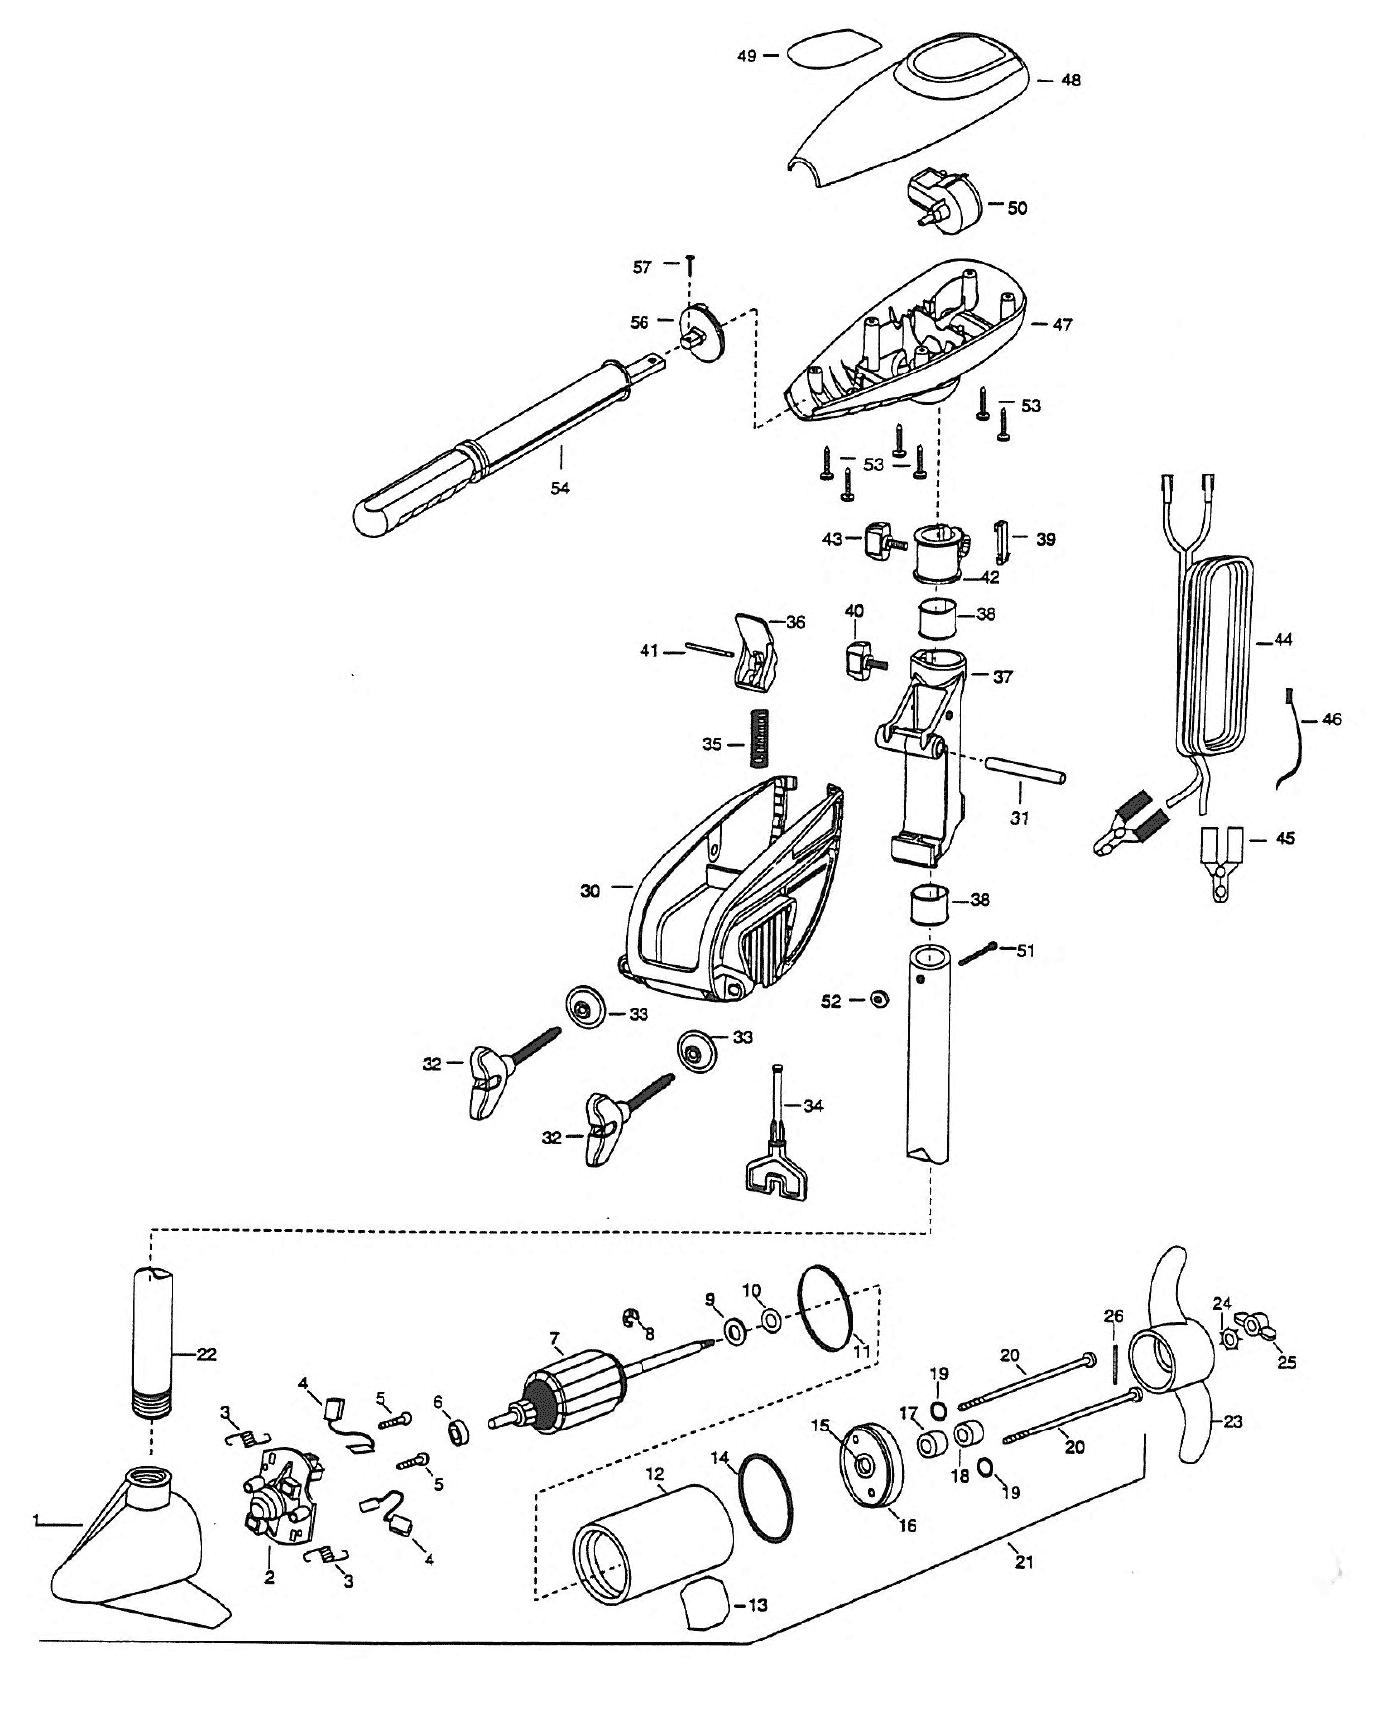 hight resolution of minn kota spider 48 parts 1999 from fish307 com minn kota endura 55 wiring diagram minn kota 12v wiring schematic